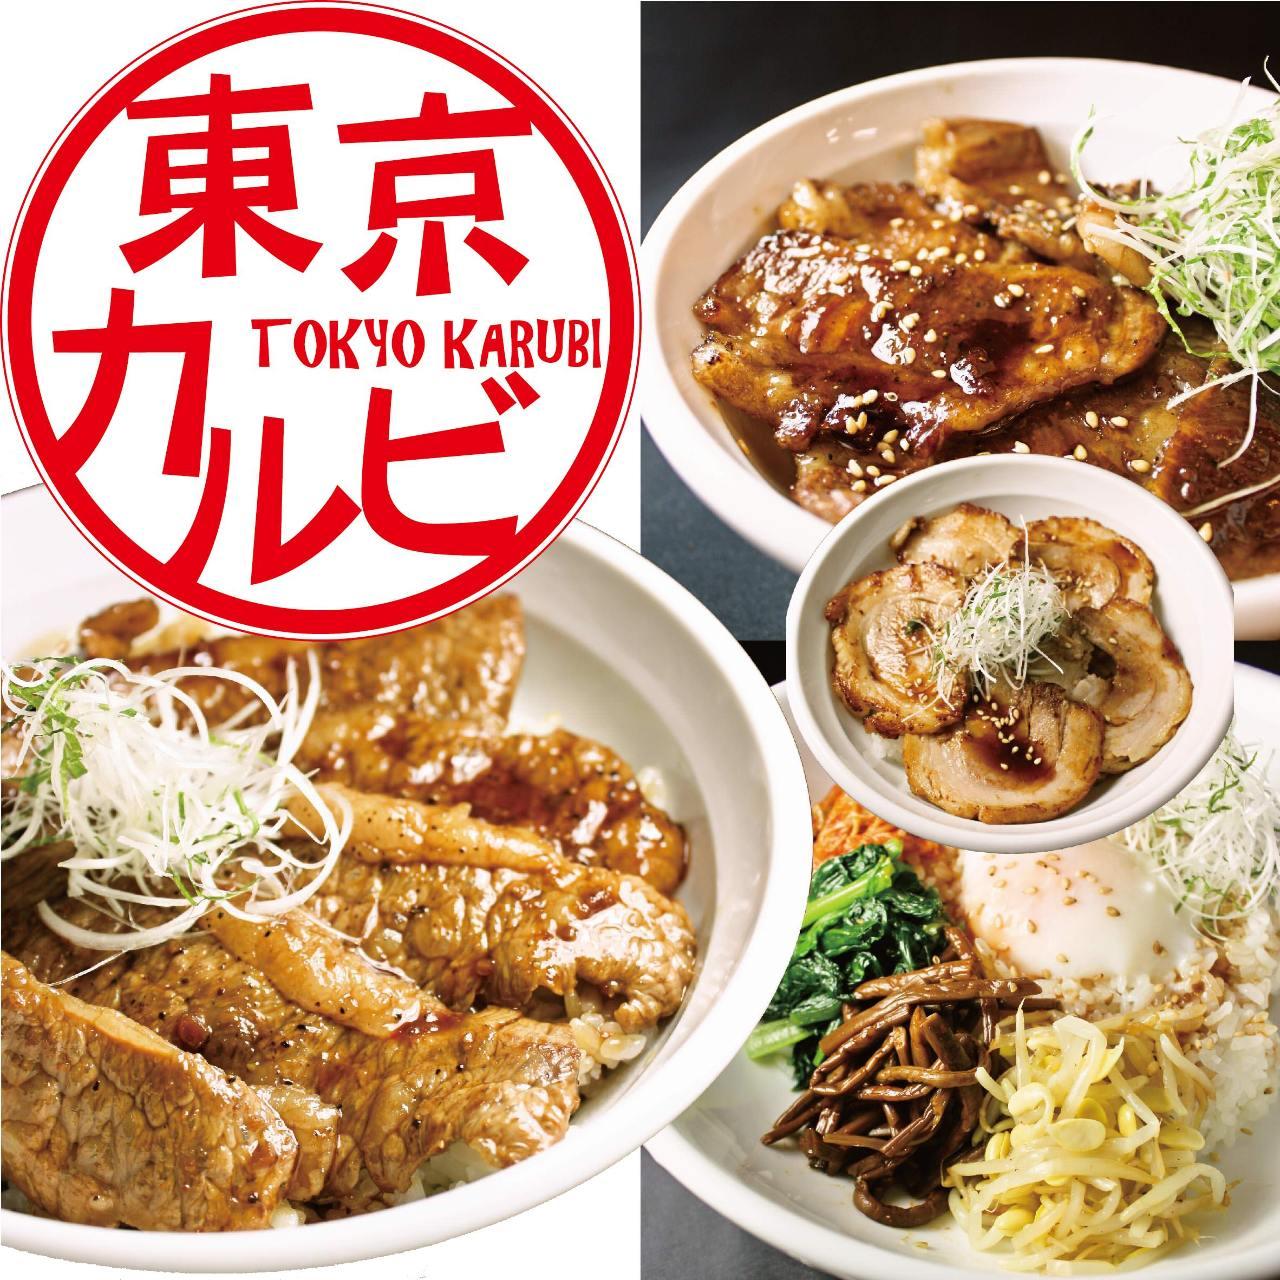 東京カルビ 羽田空港店のイメージ写真